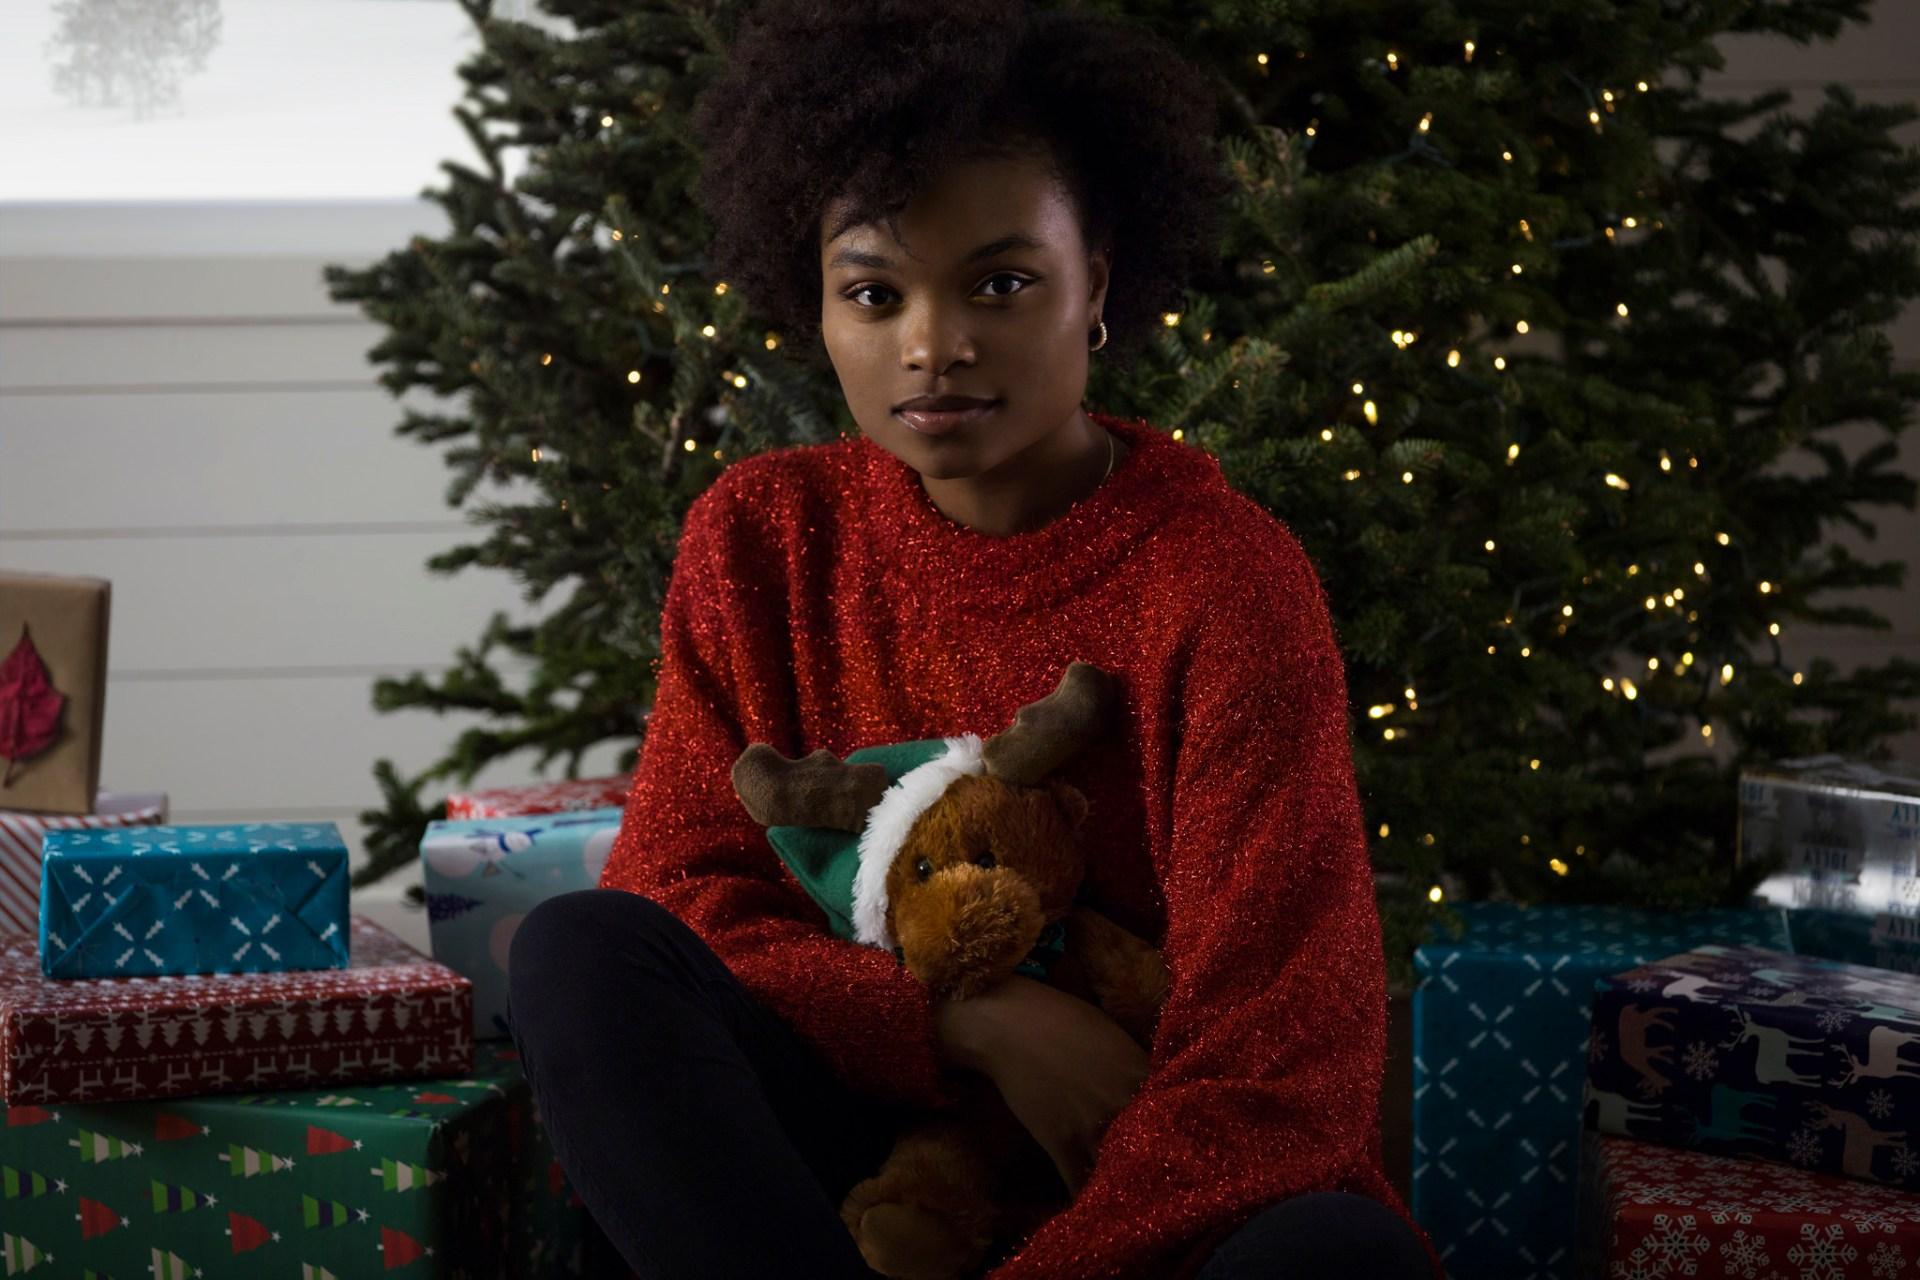 Single on Christmas